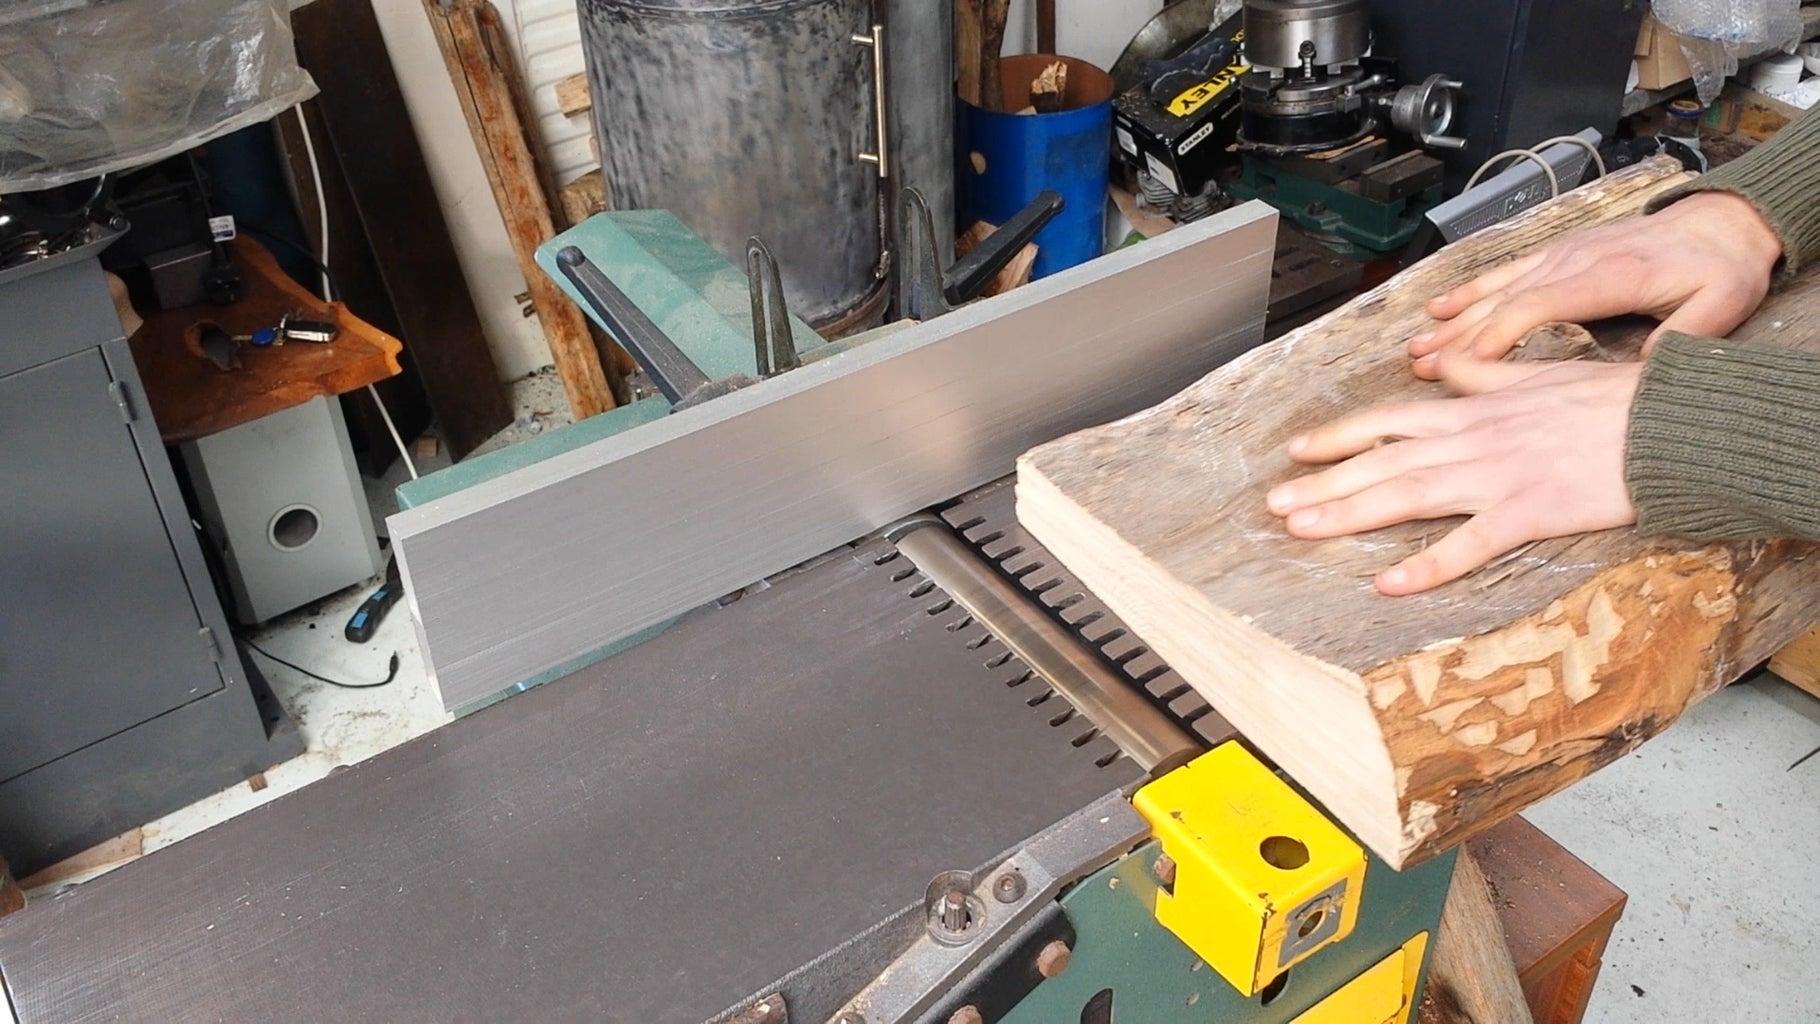 Flatten the Knife Block's Back and Bottom